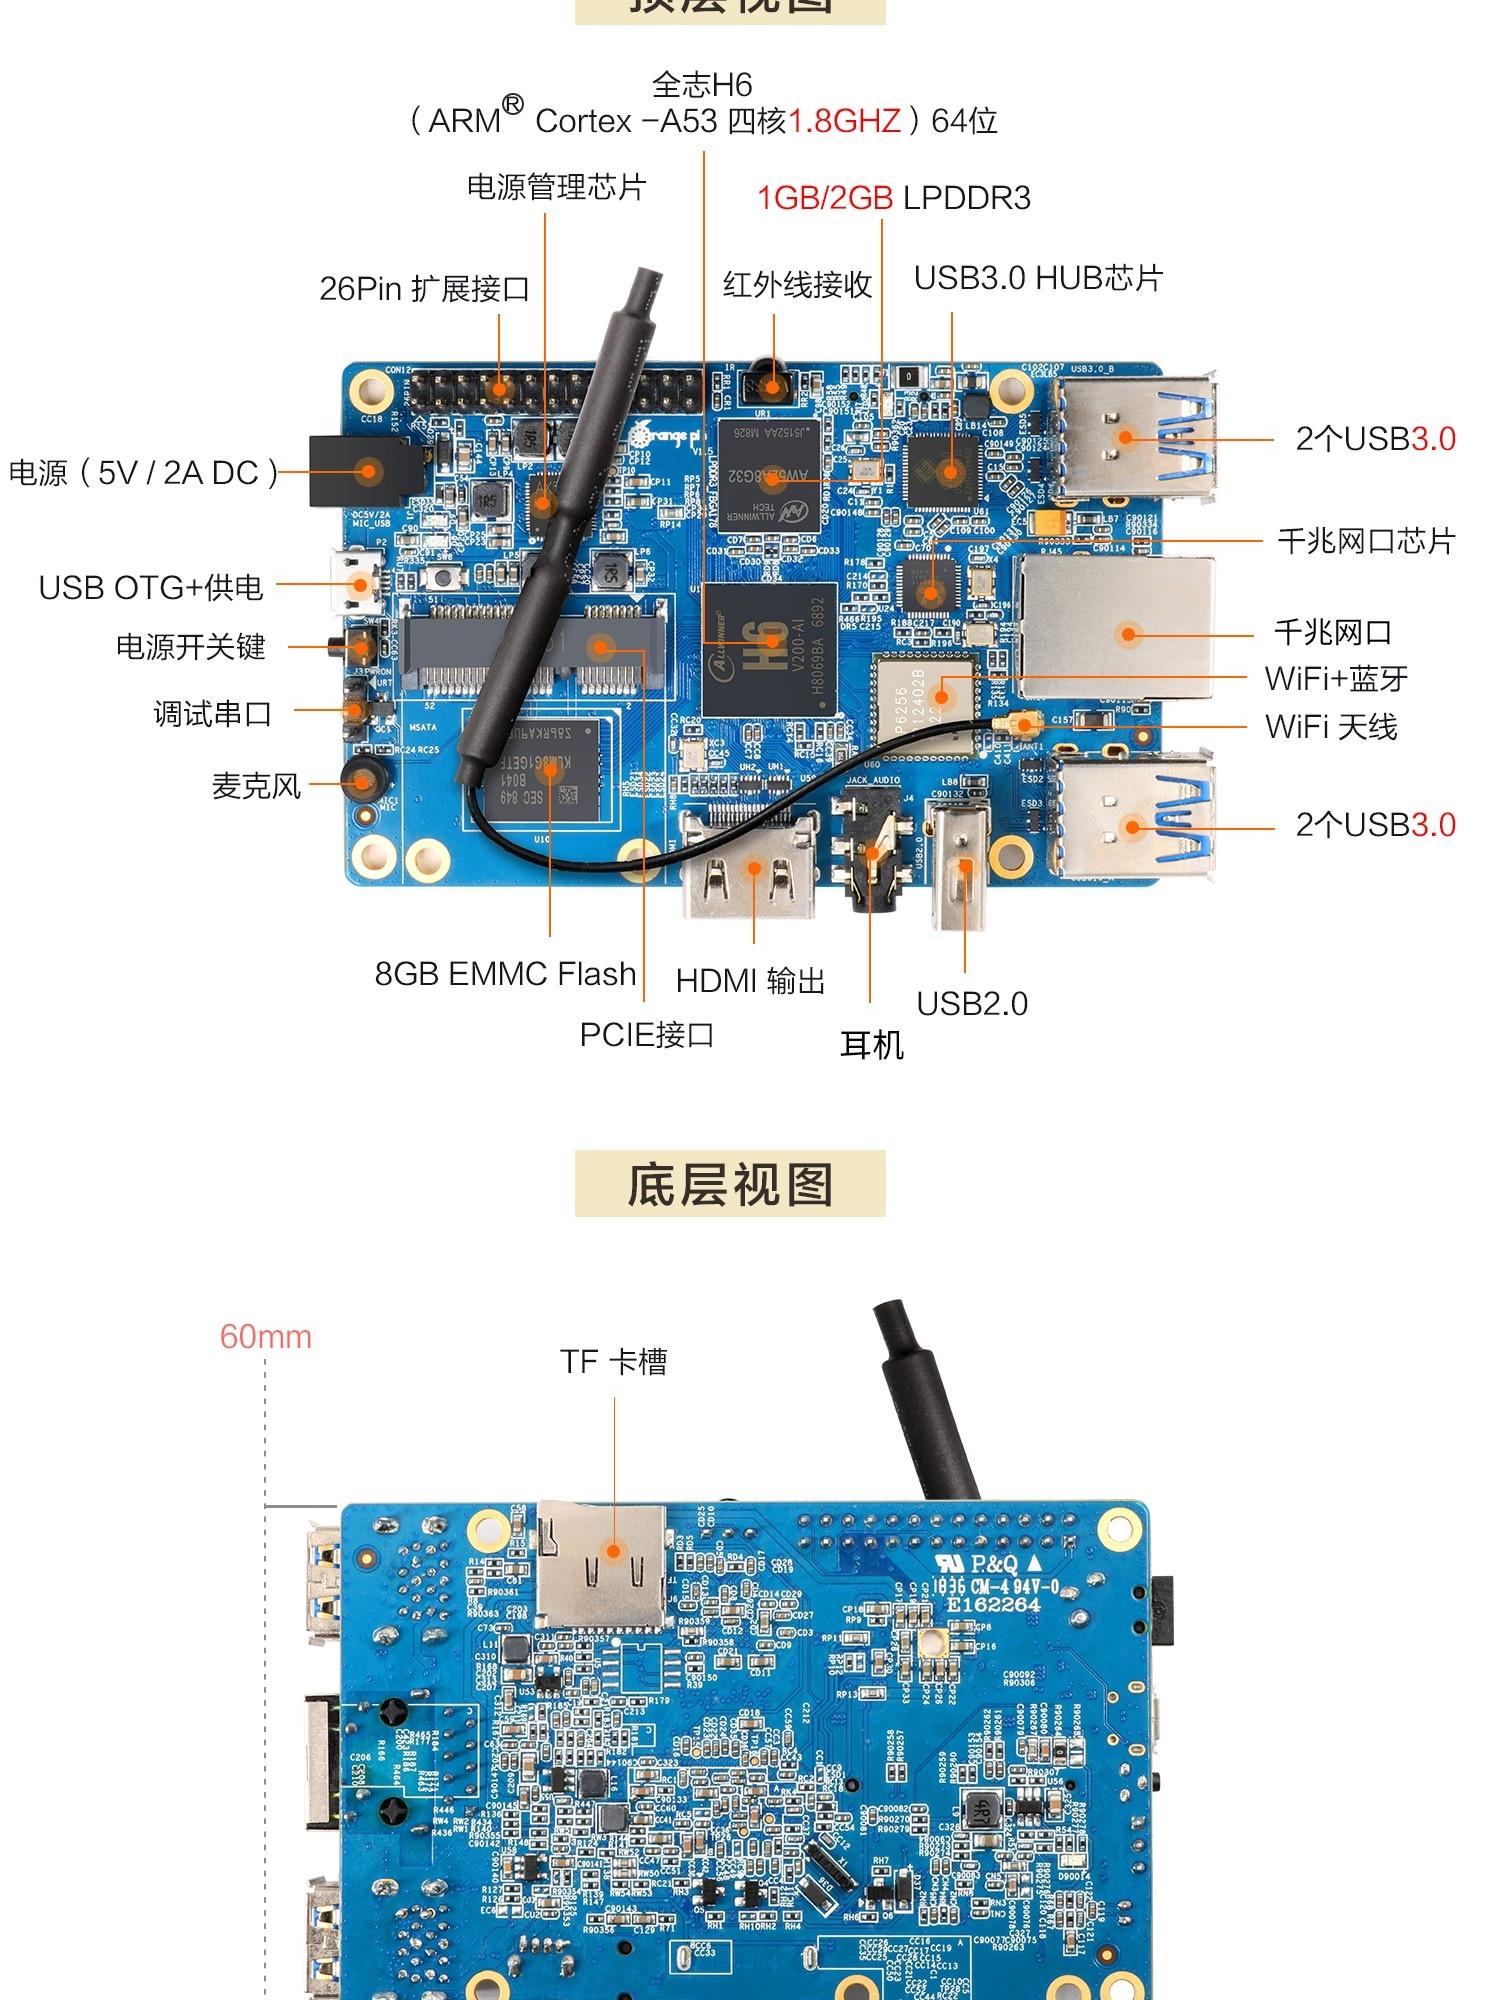 香橙派全志H6开发板Orange Pi 3在安卓系统下的蓝牙使用方法